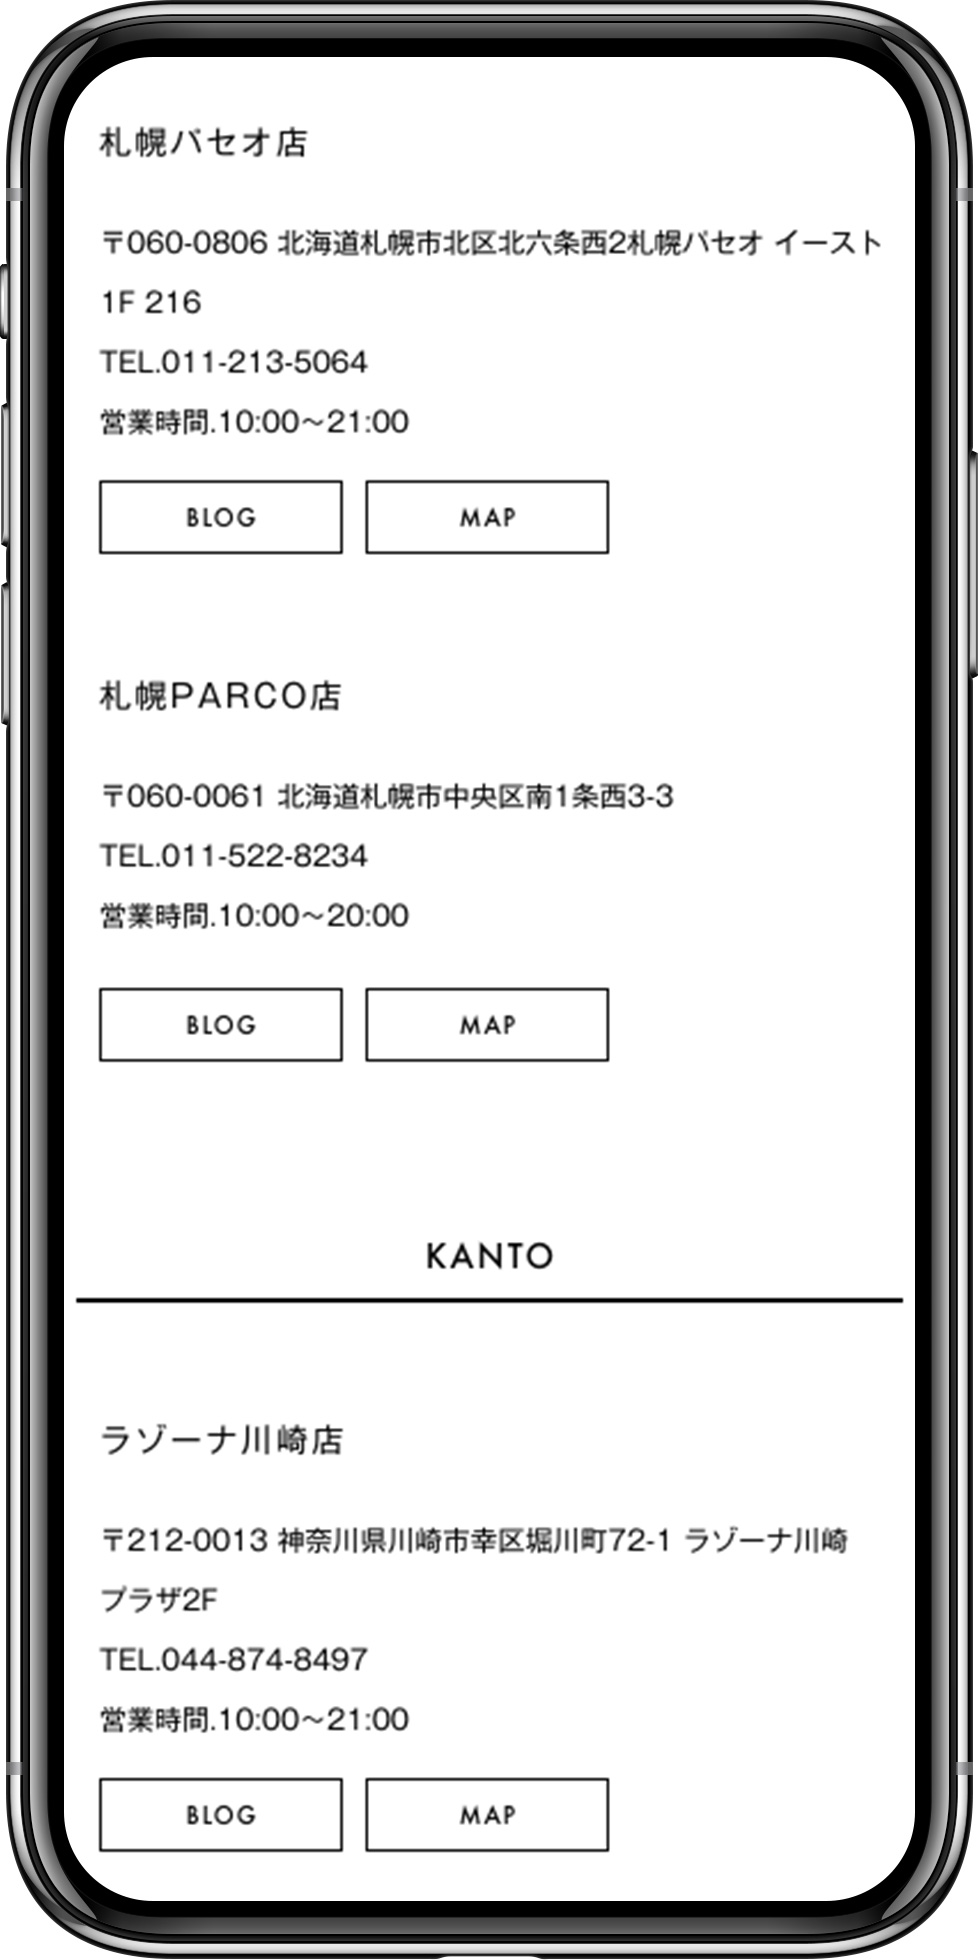 http://artpeace.jp/wp-content/uploads/2018/05/work1.png